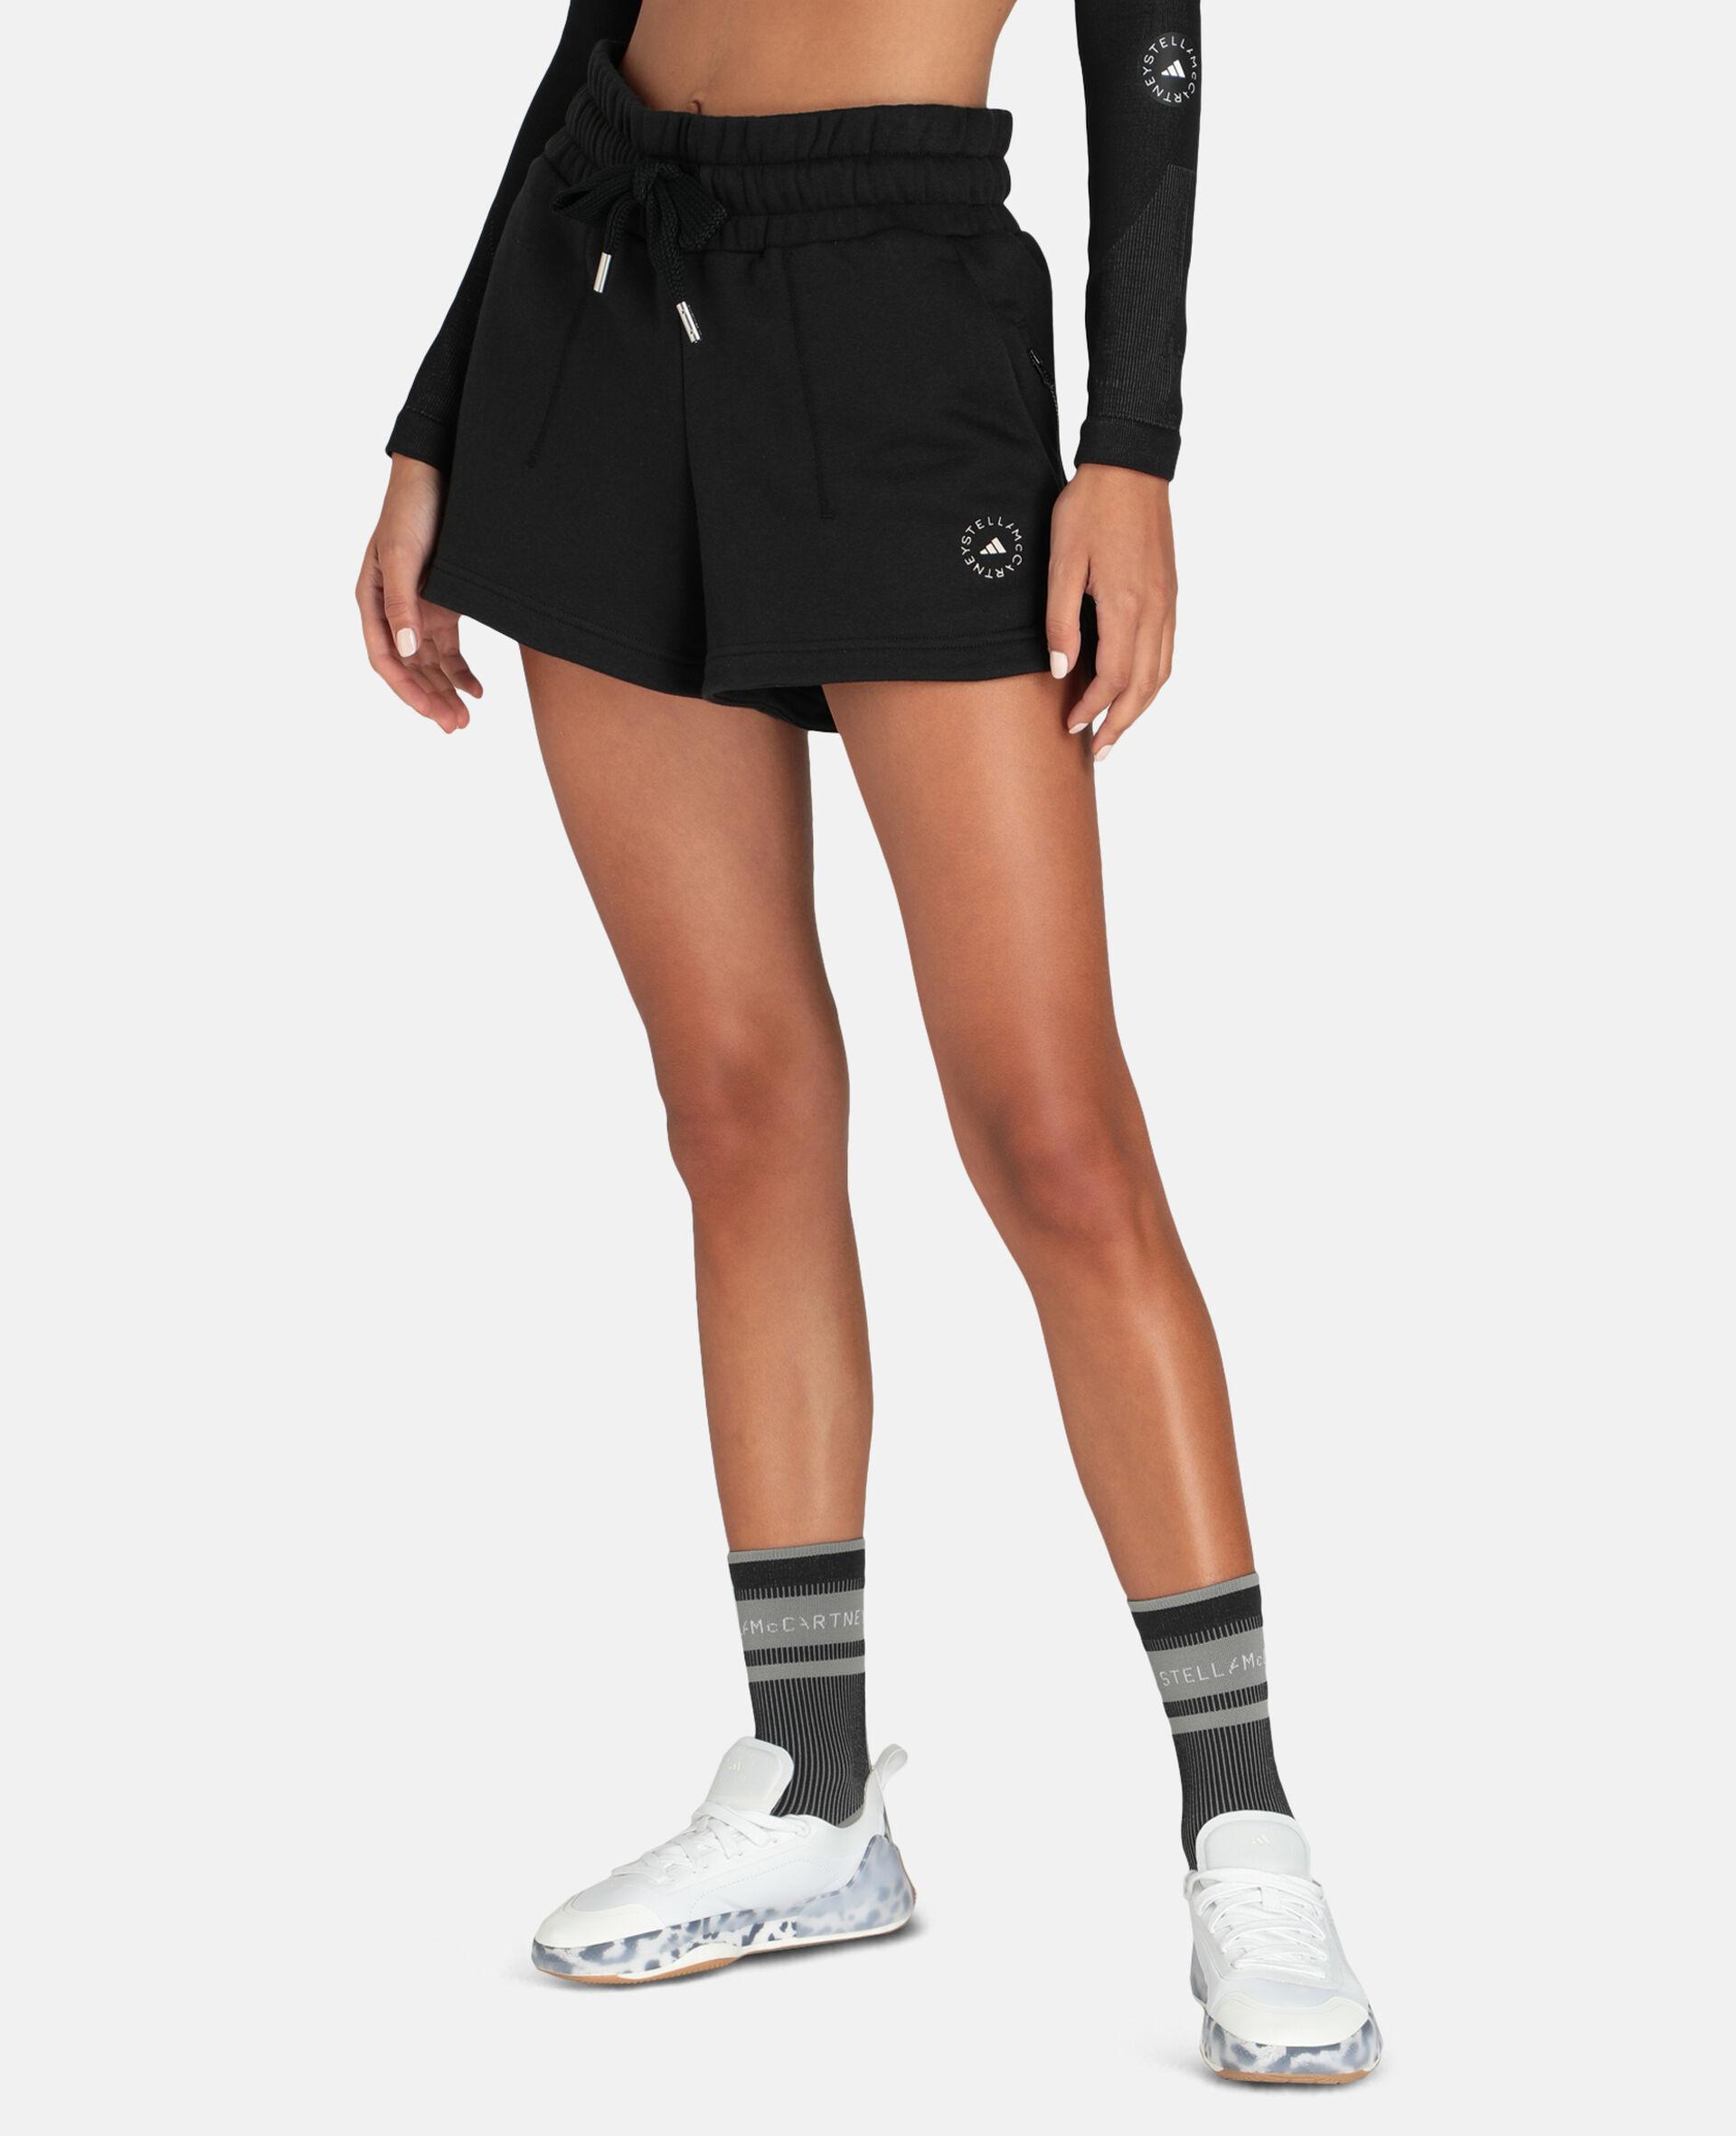 Black Sweat Fleece Short-Black-large image number 4